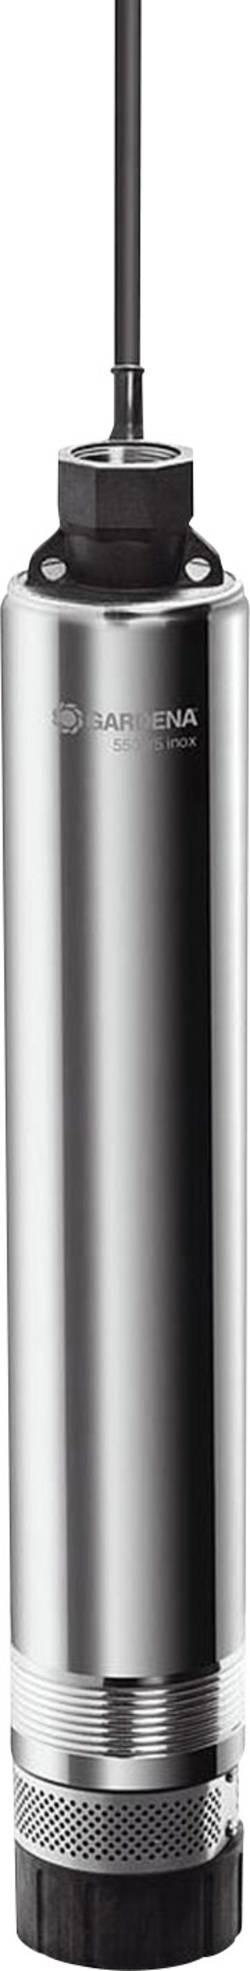 Ponorné hlubinné čerpadlo 5500/5 inox Gardena, 01489-20, 850 W